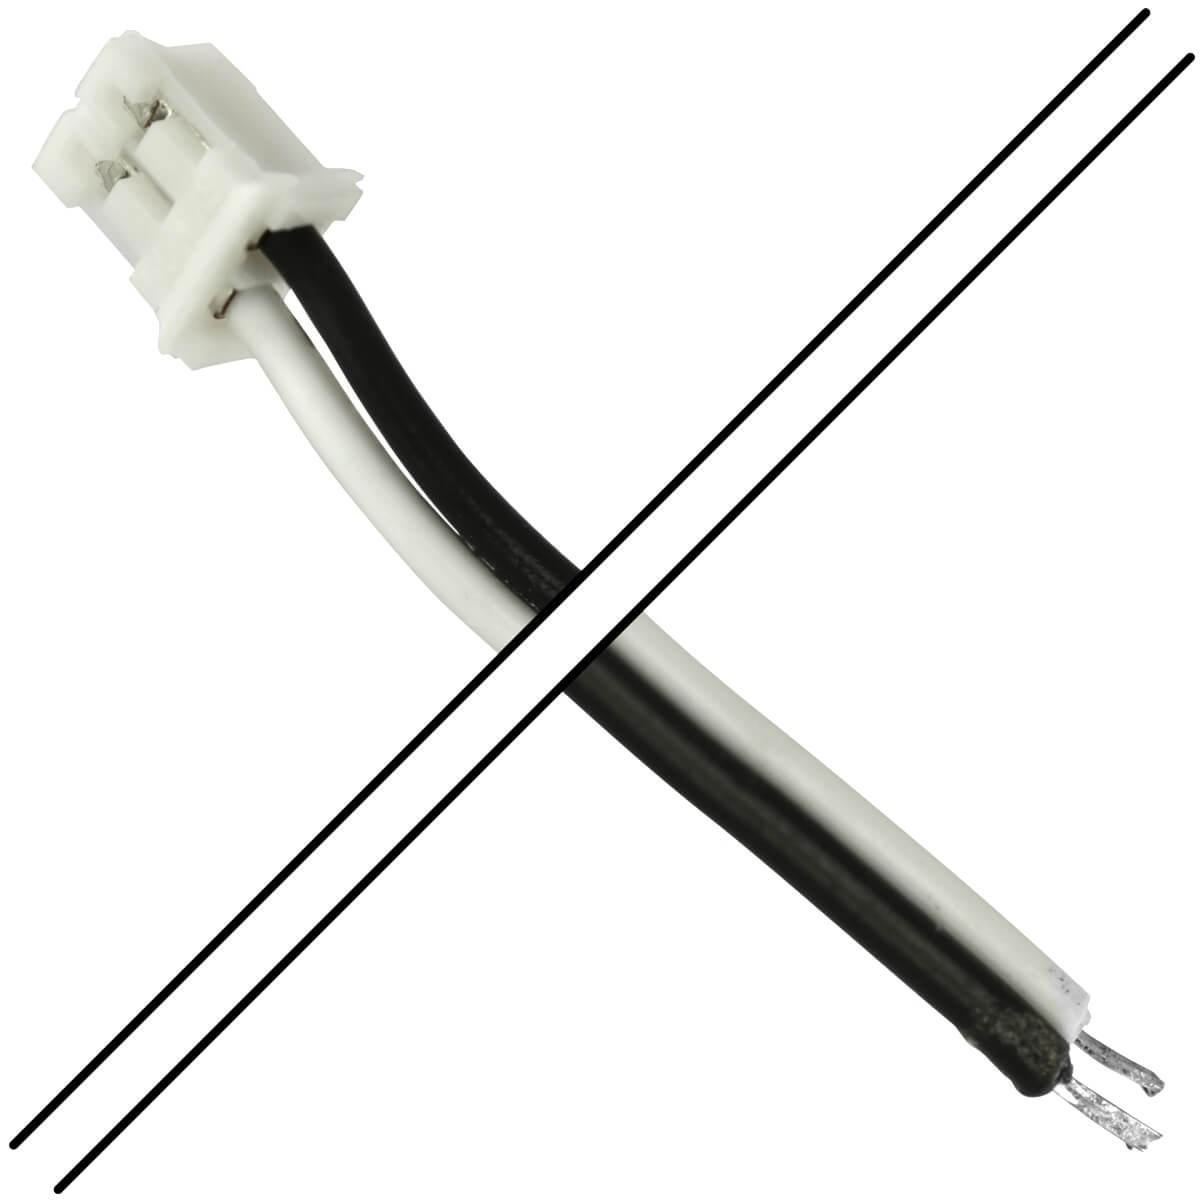 Câble PH 2.0mm Femelle 2 Pôles avec Connecteurs vers Fils Nus 15cm (Unité)